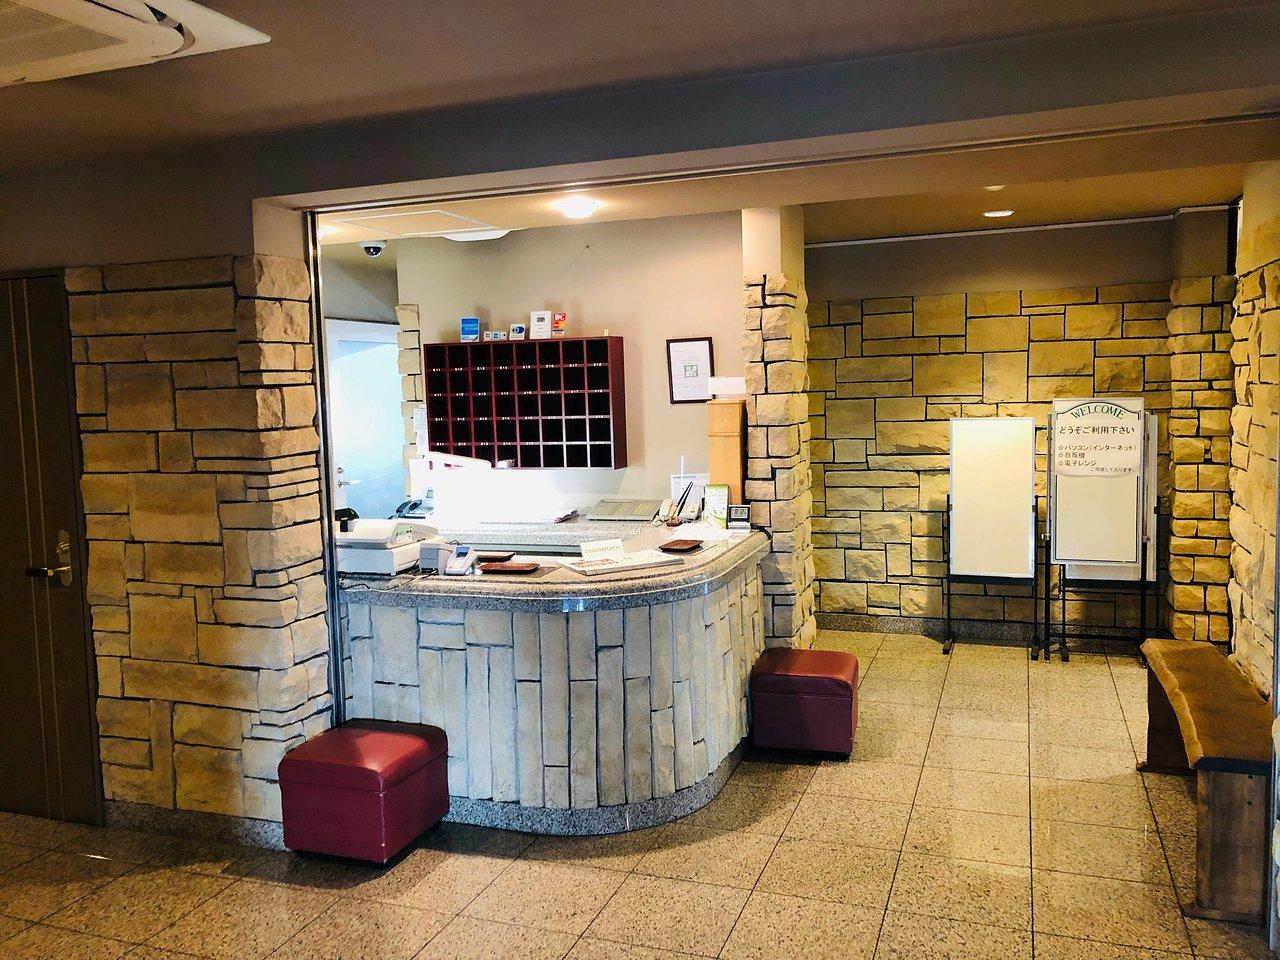 Nasu Shiobara Station Hotel 75 1 0 2 Prices